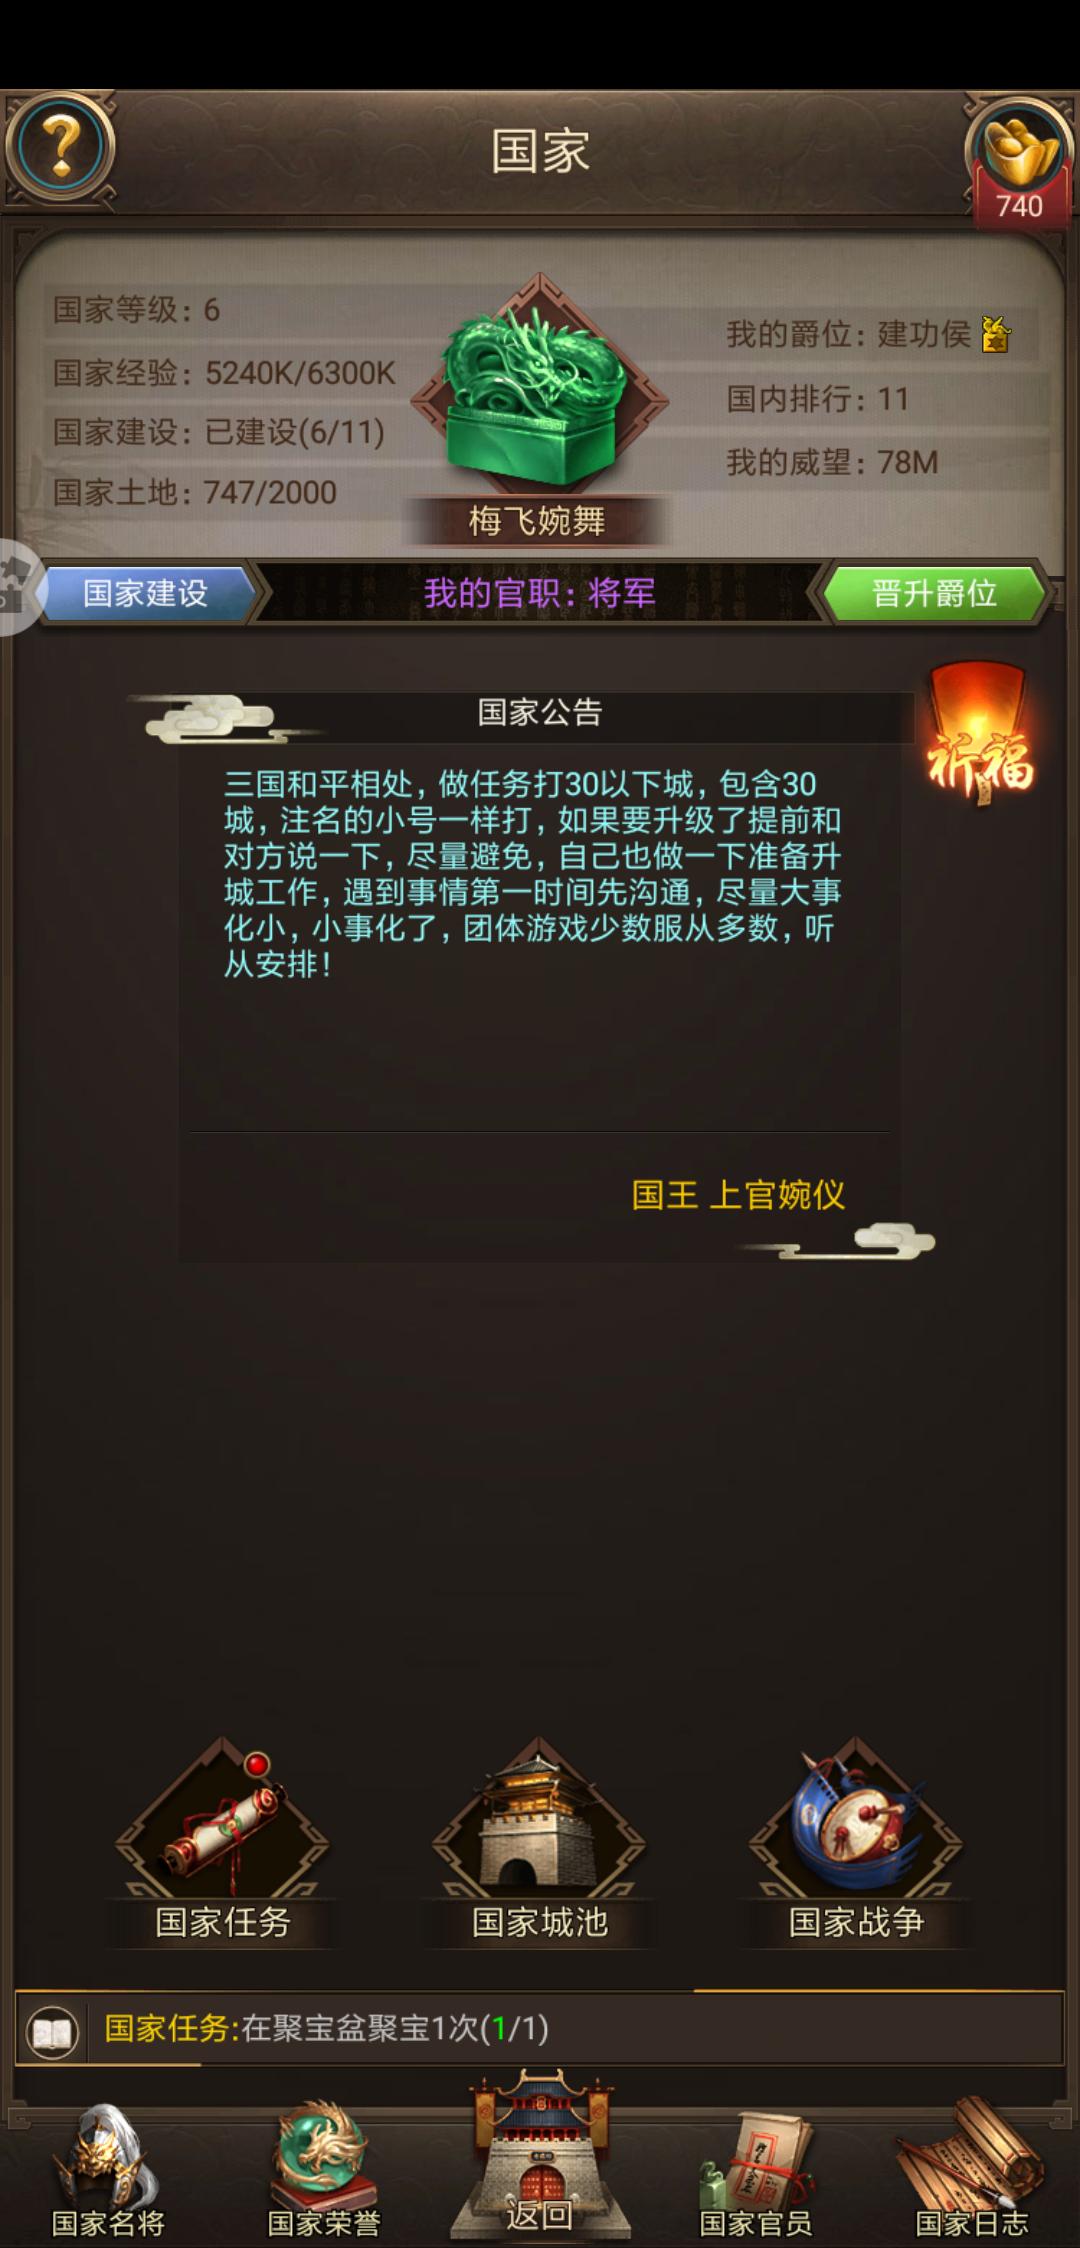 Screenshot_2019-07-04-00-27-51-799_juedi.tatuyin.rxsg.huawei.png